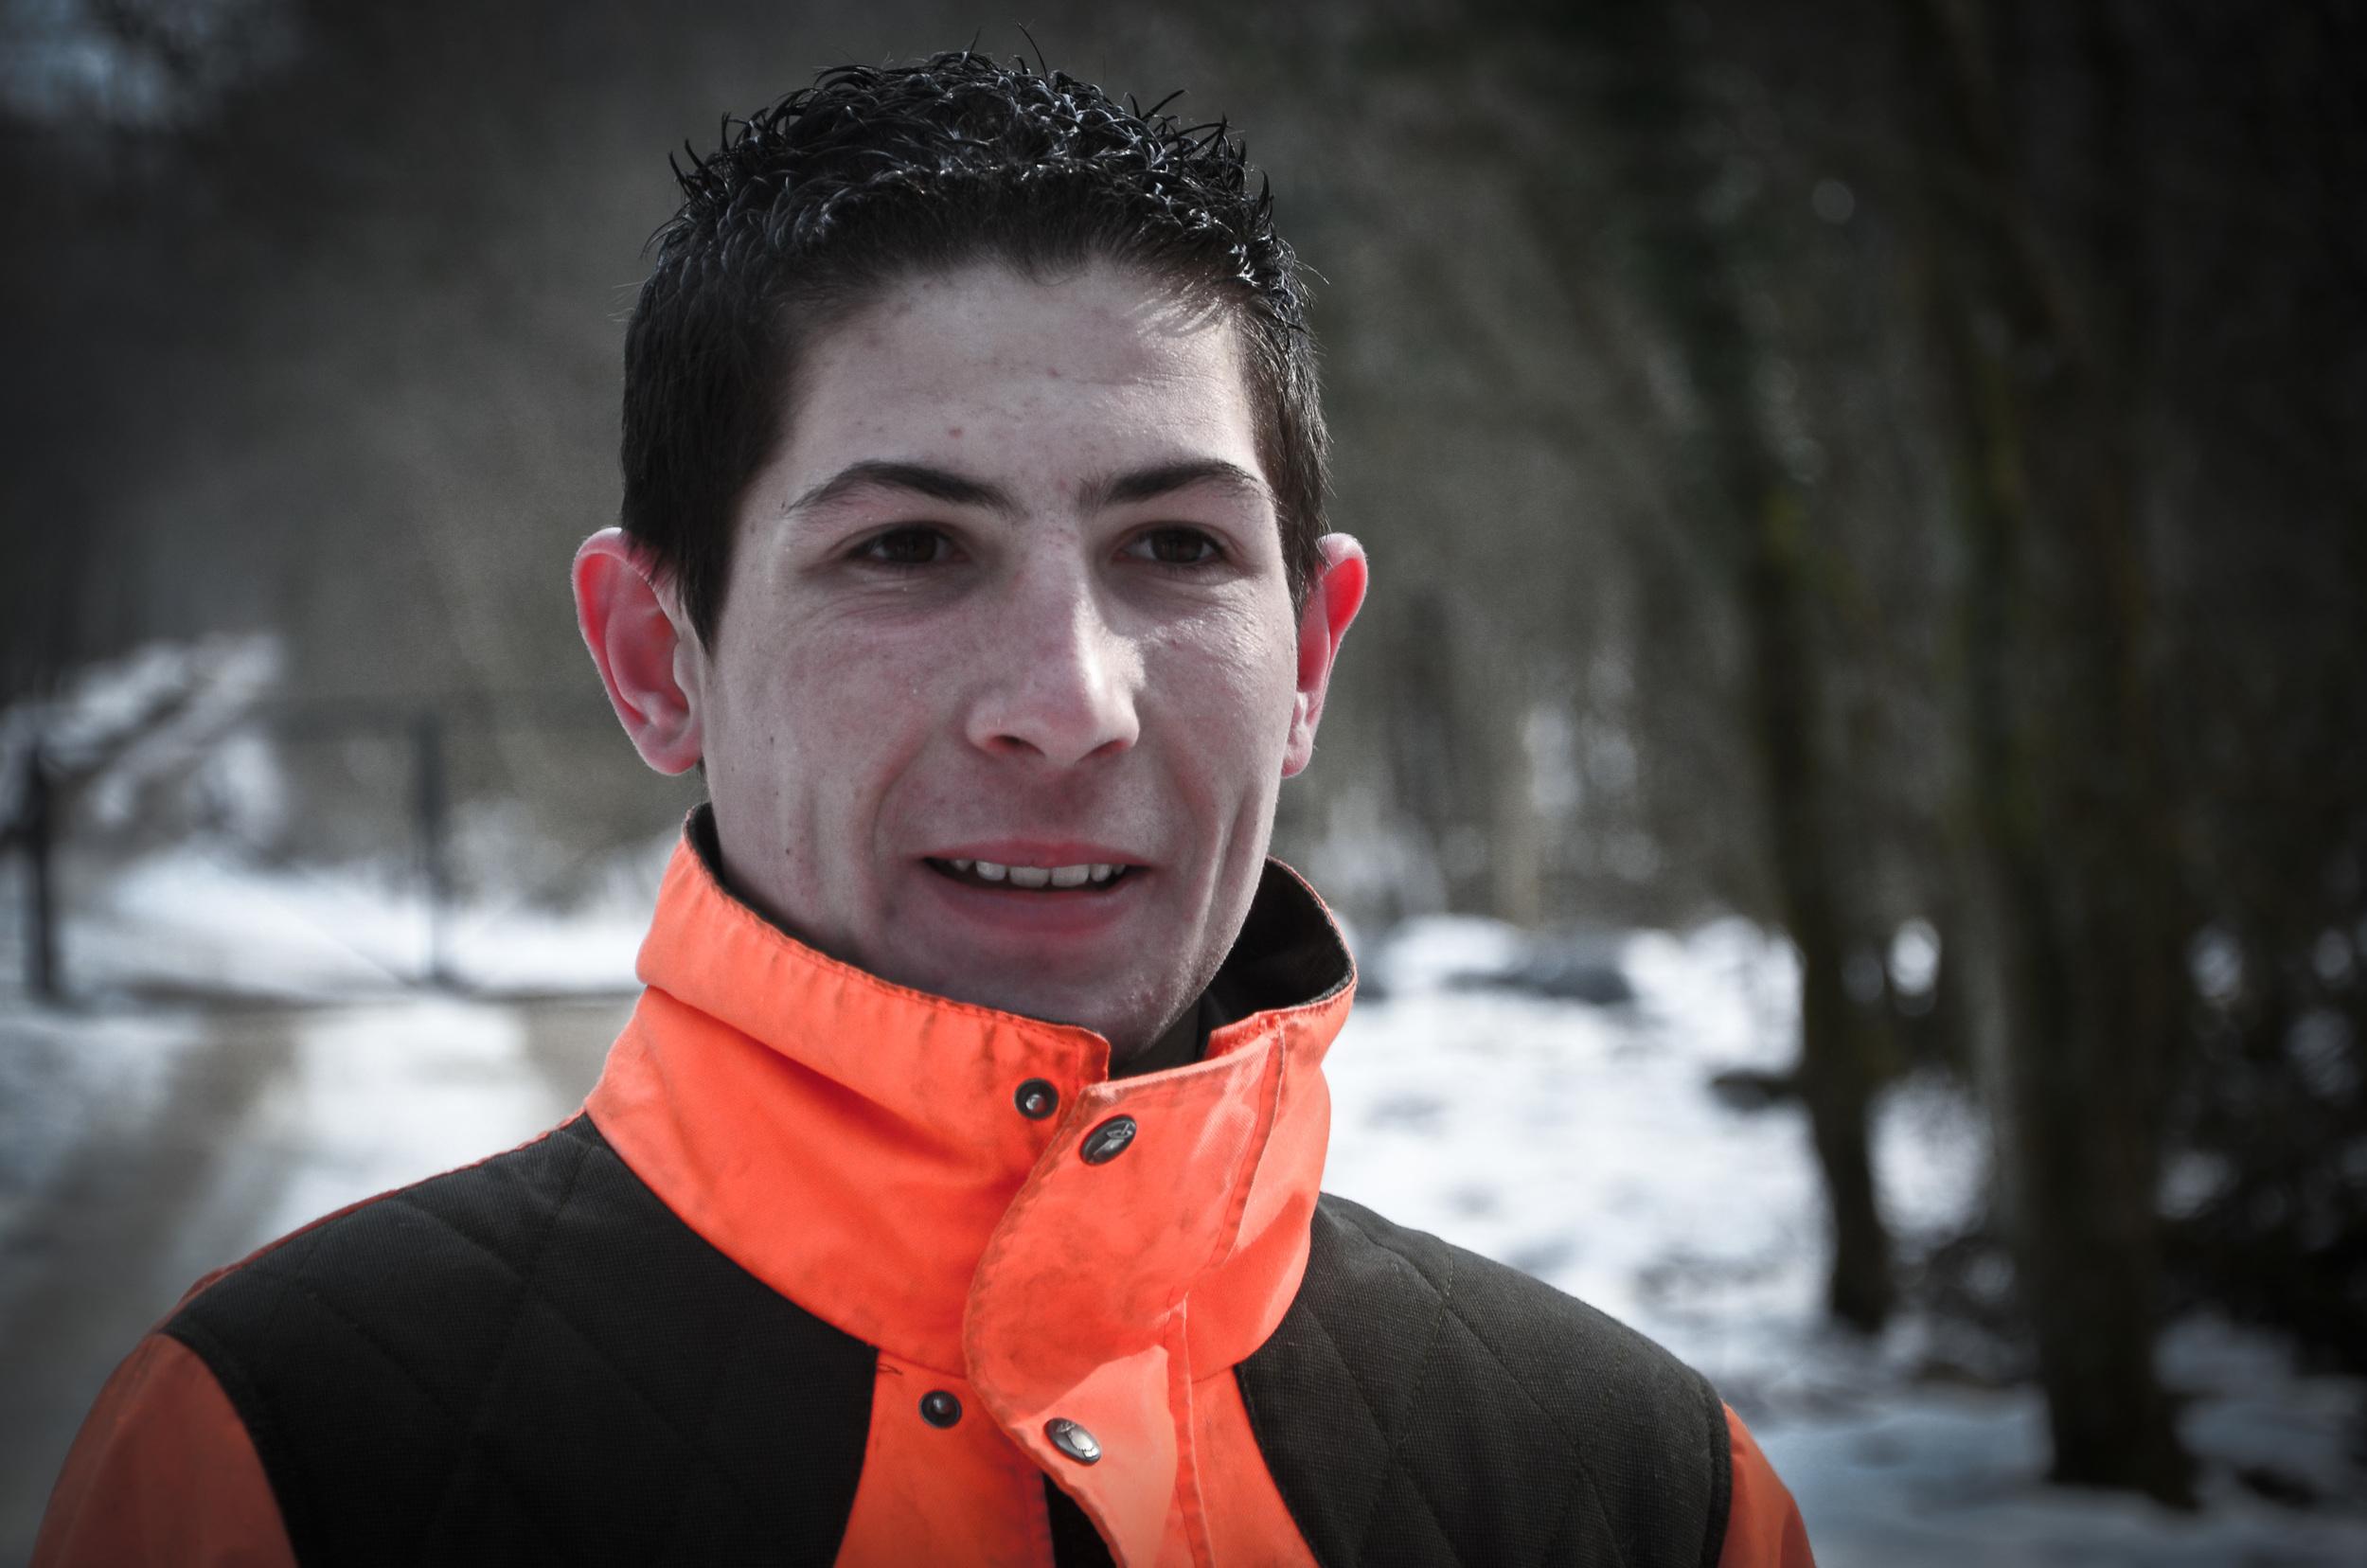 Hungry_Cyclist_Boar-11.jpg